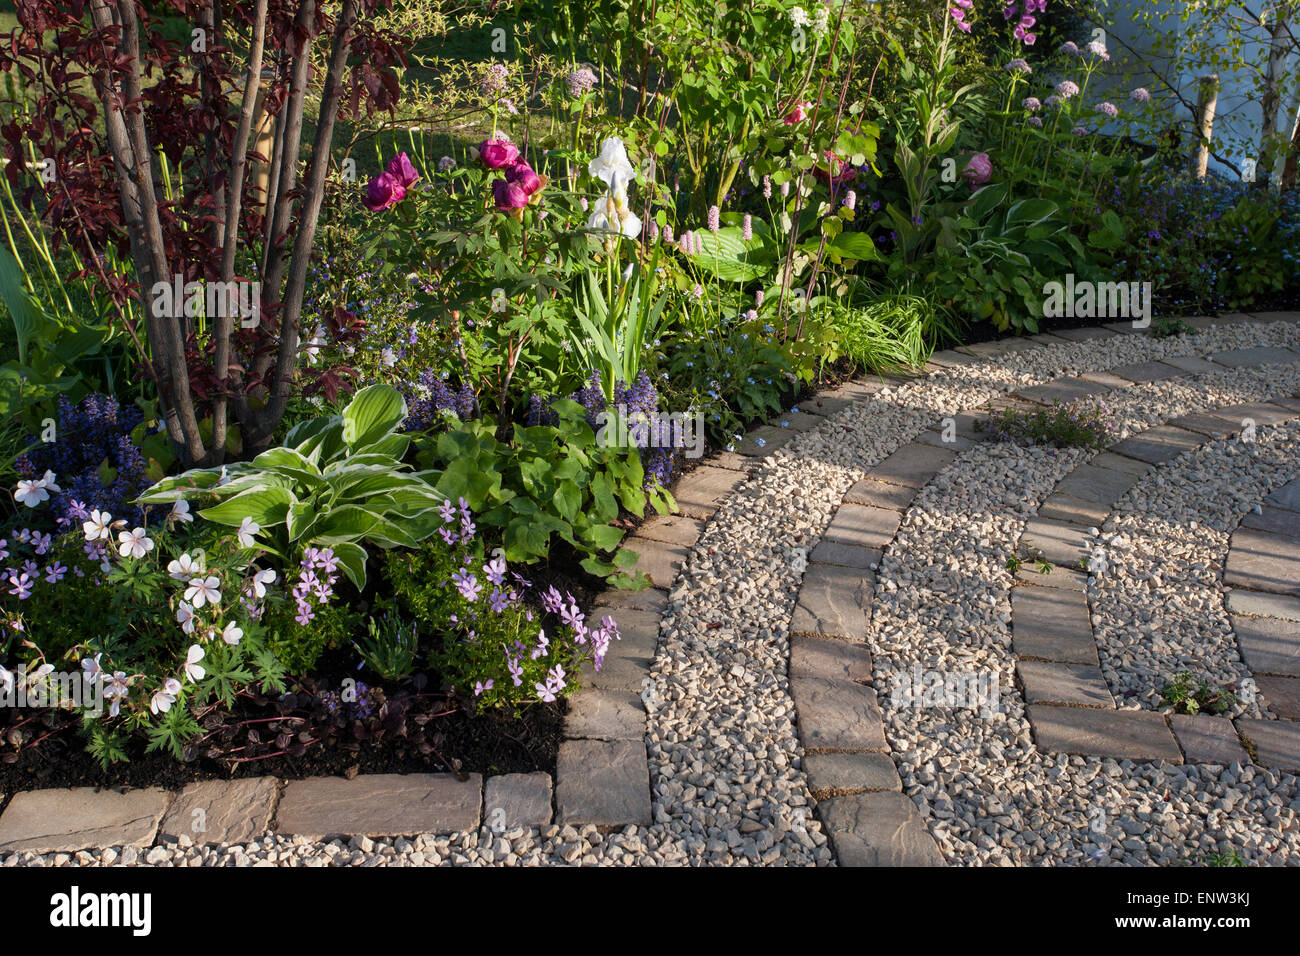 a quiet garden designed by angie turner kristina fitzsimmons and a quiet garden designed by angie turner kristina fitzsimmons and patrick swan awarded bronze